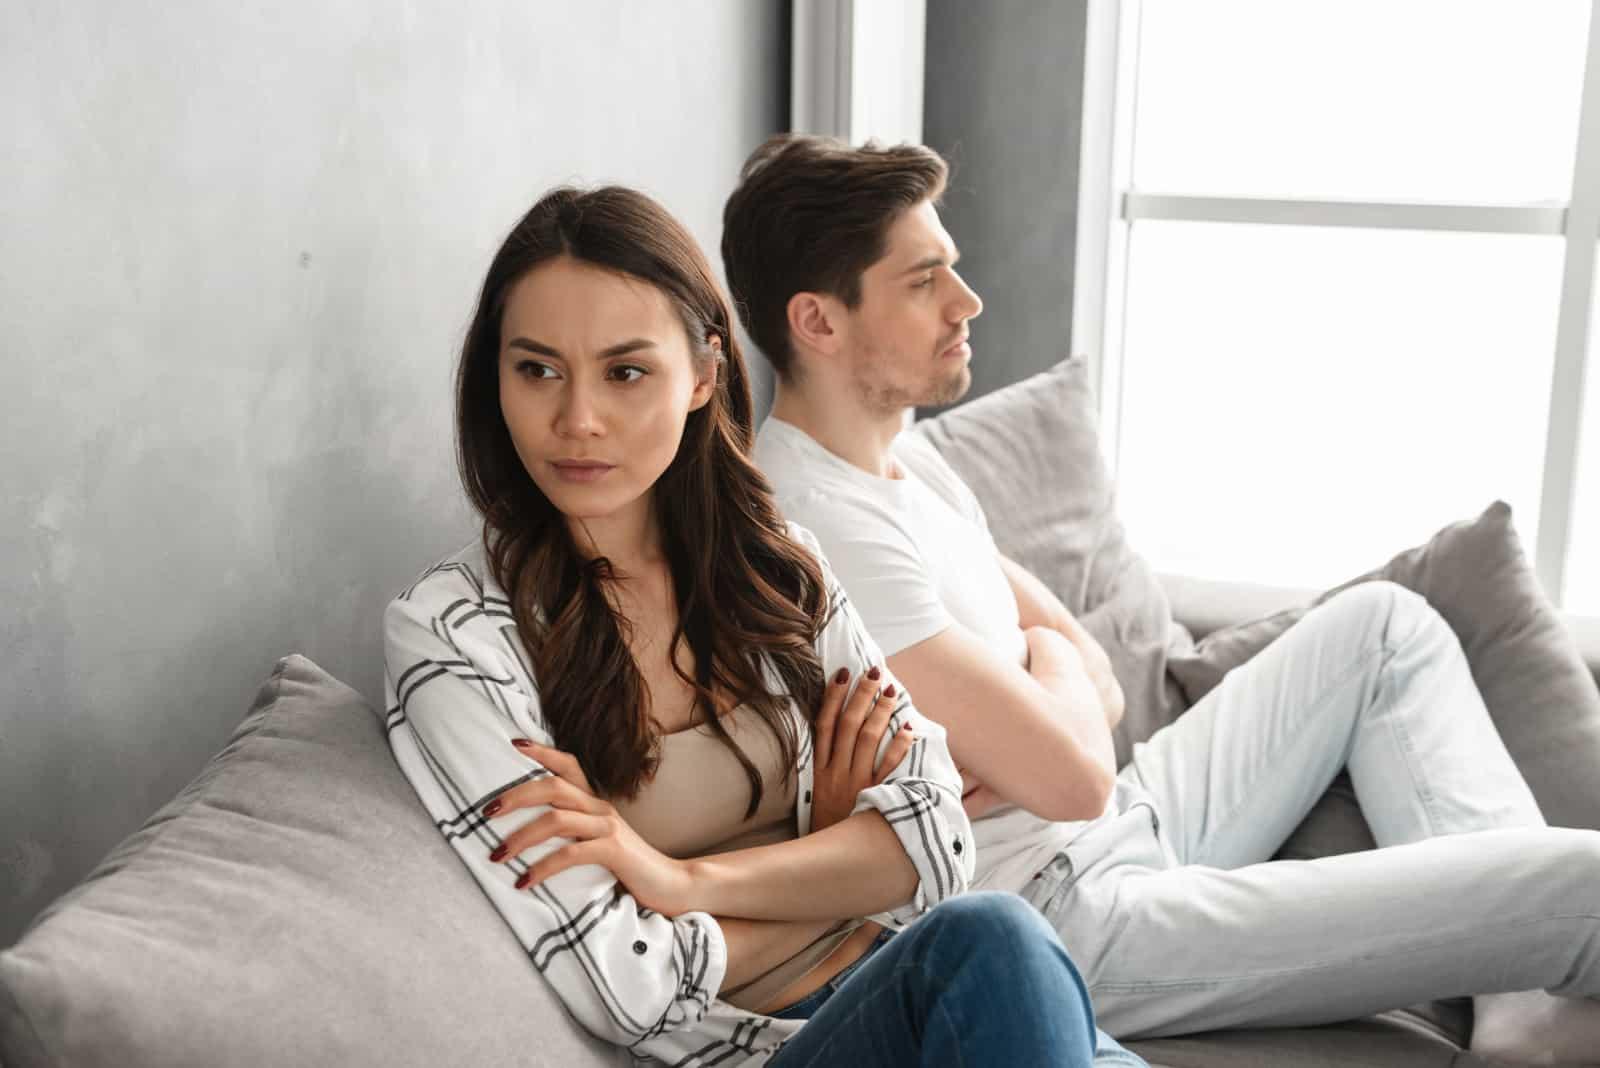 un couple qui ne parle pas après une dispute